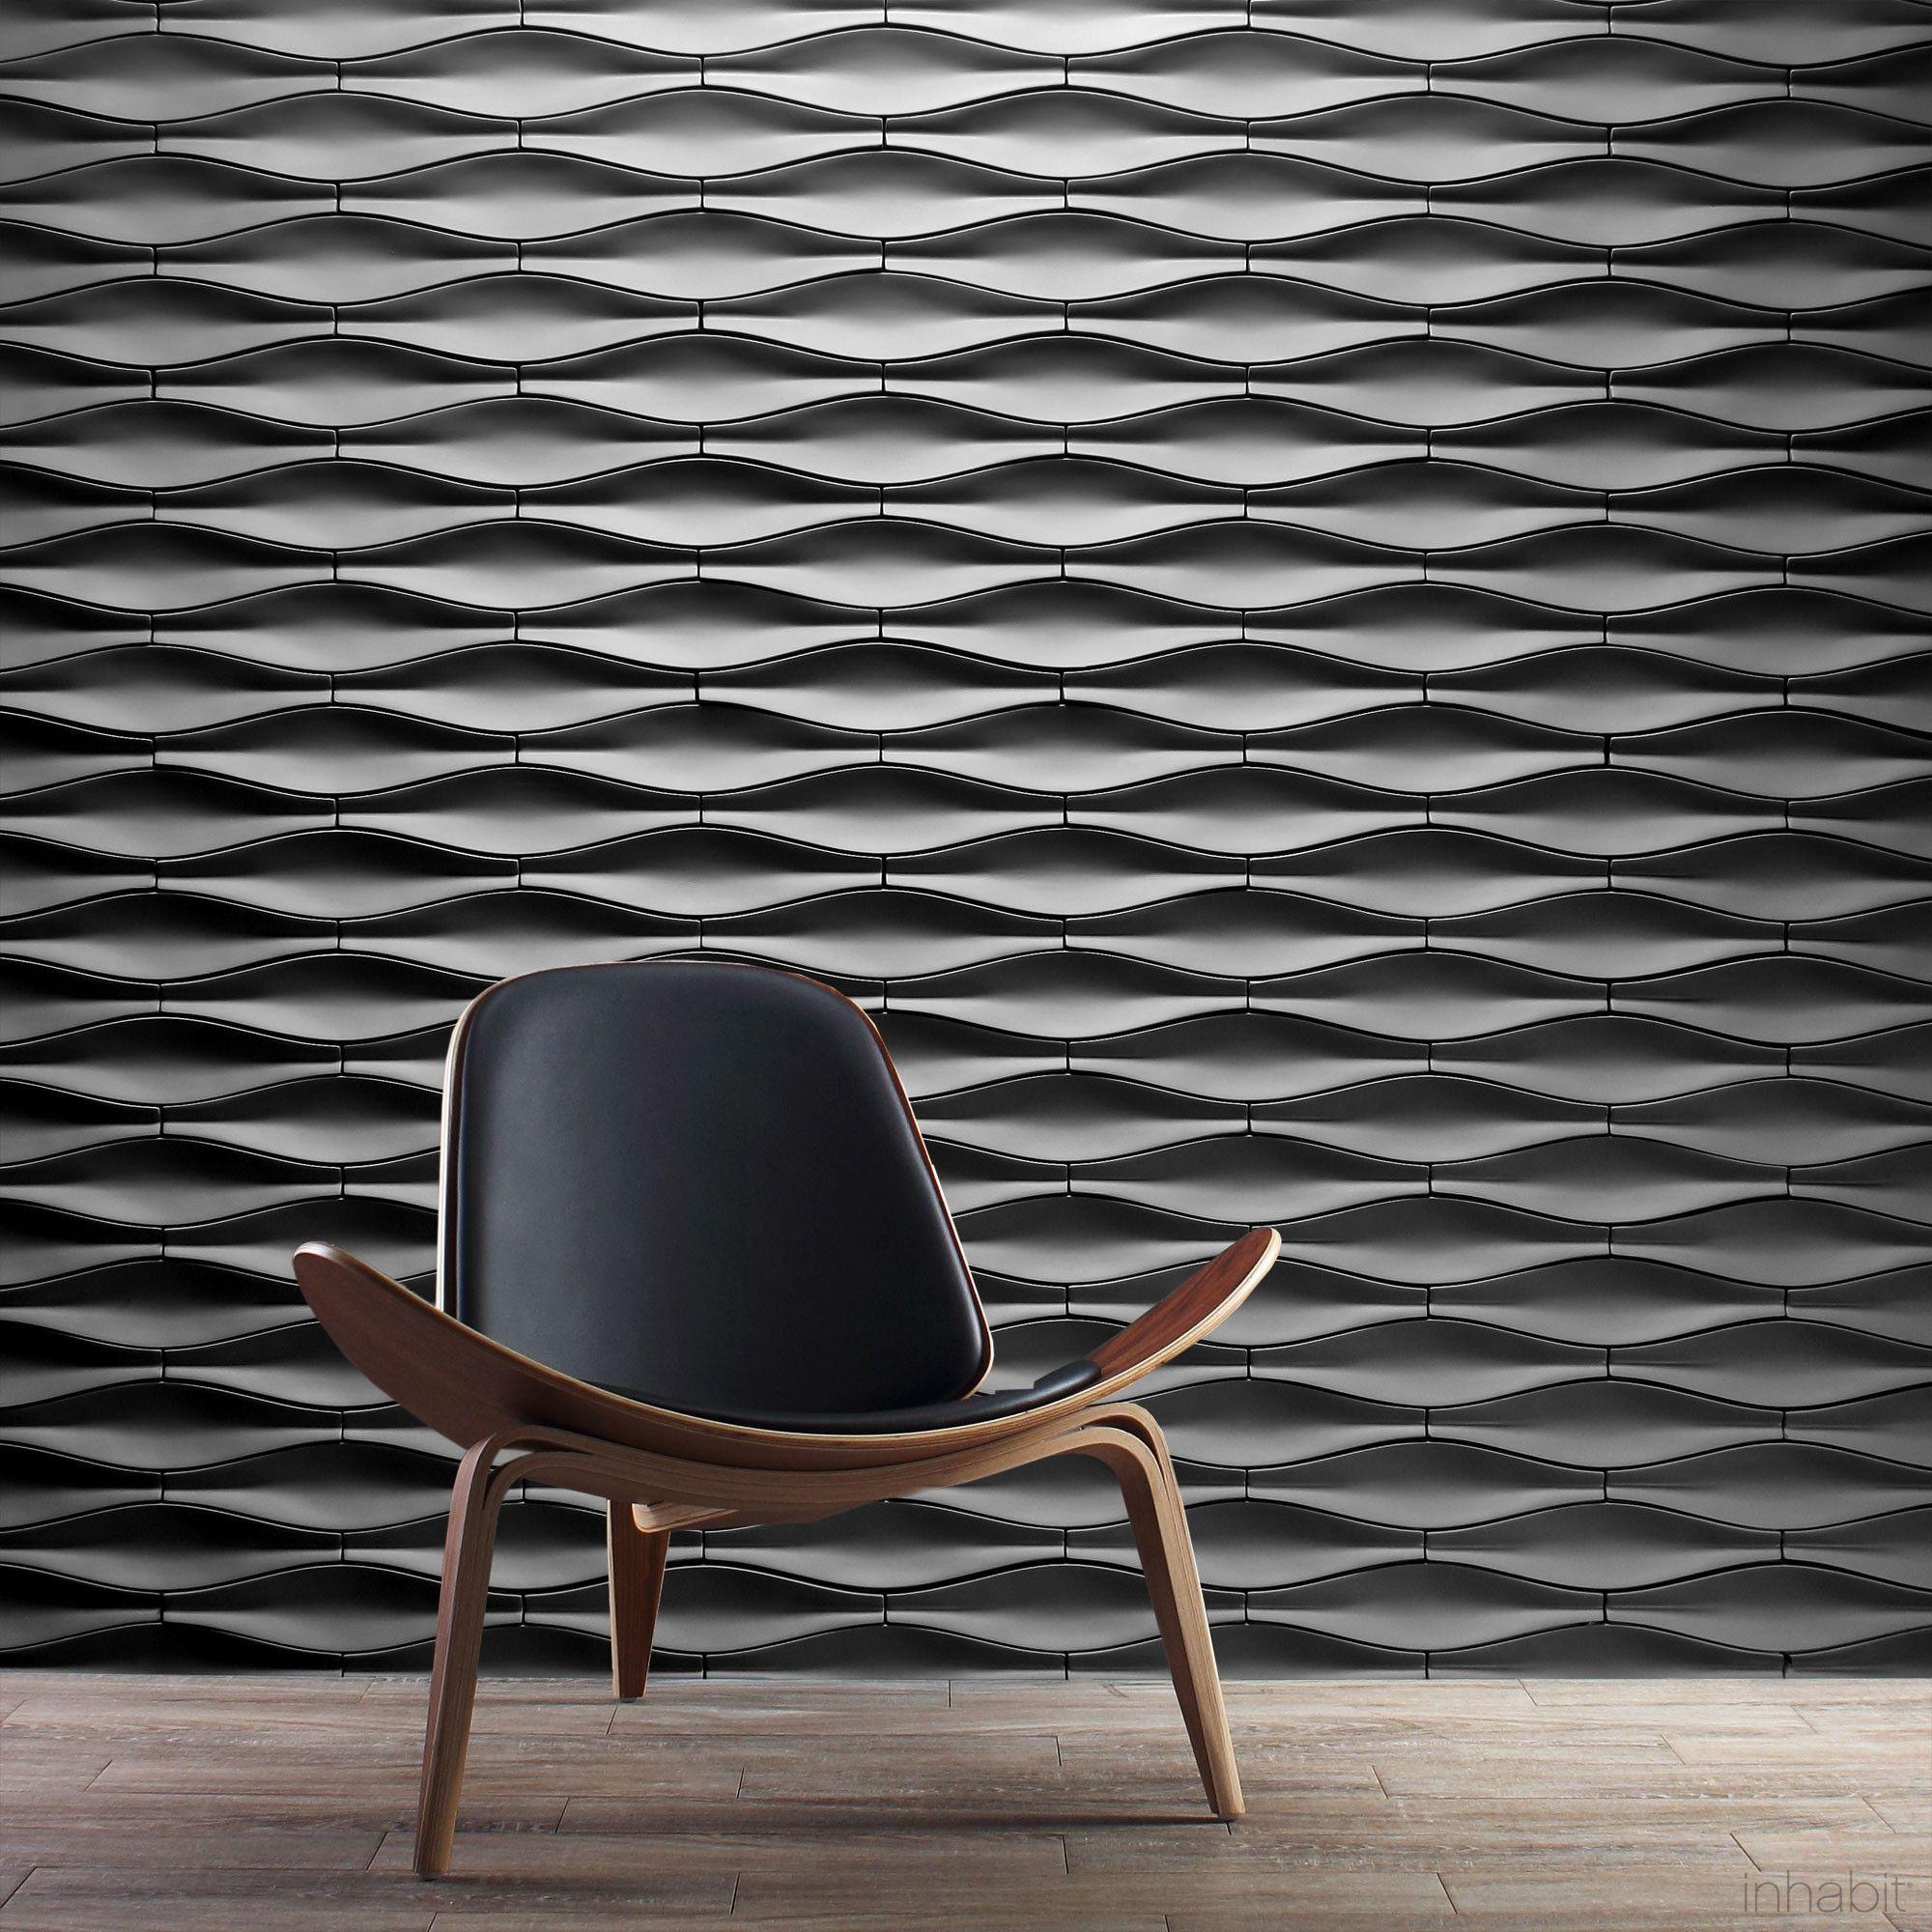 Origami Cast Teja de hormigón arquitectónico - Natural - habitan - Habitar - 1